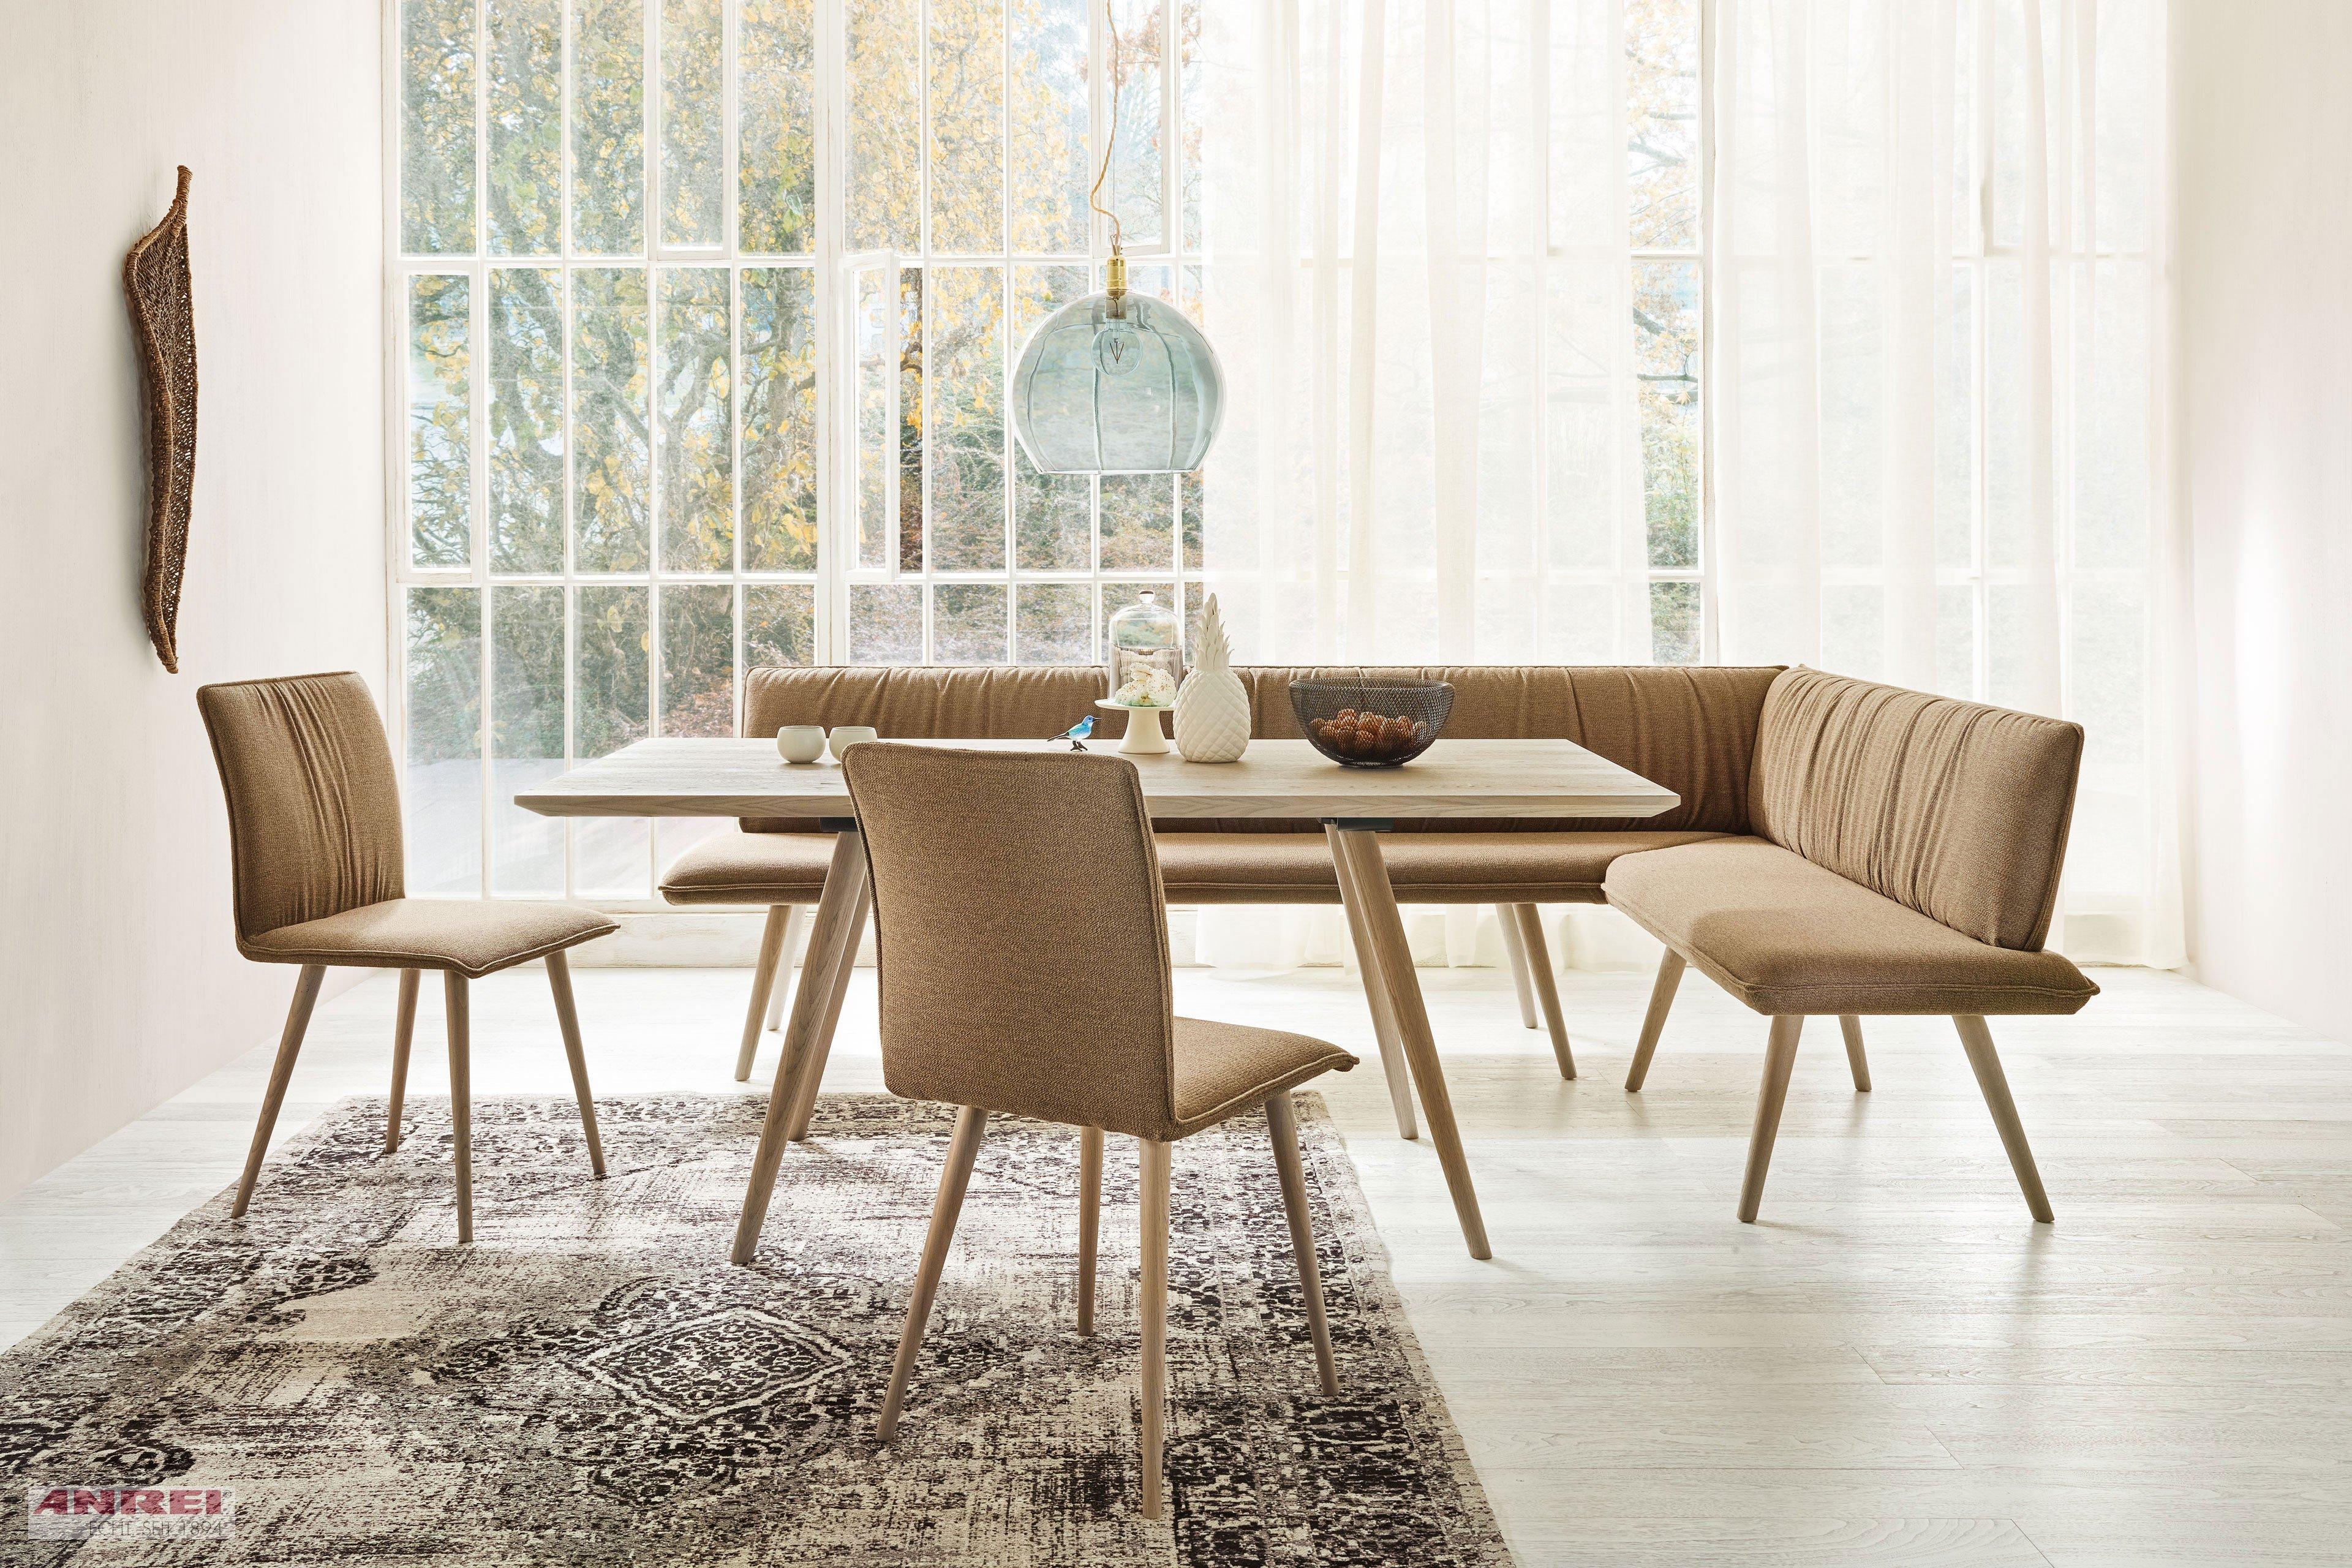 Listo von ANREI Esszimmer mit Eckbank, Tisch & 2 Stühlen